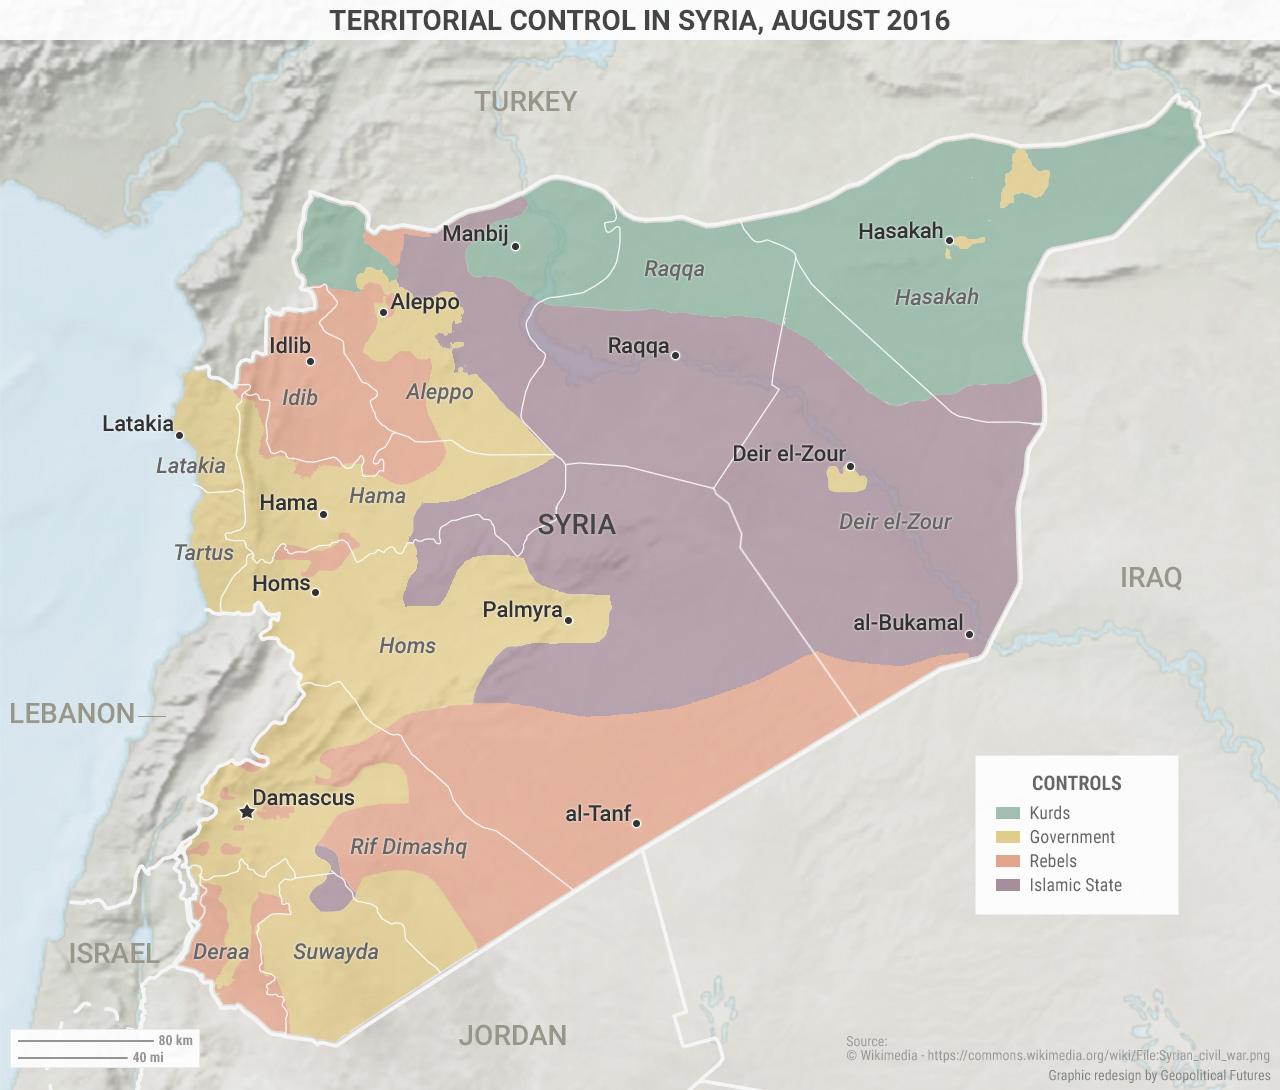 syria-territorial-control